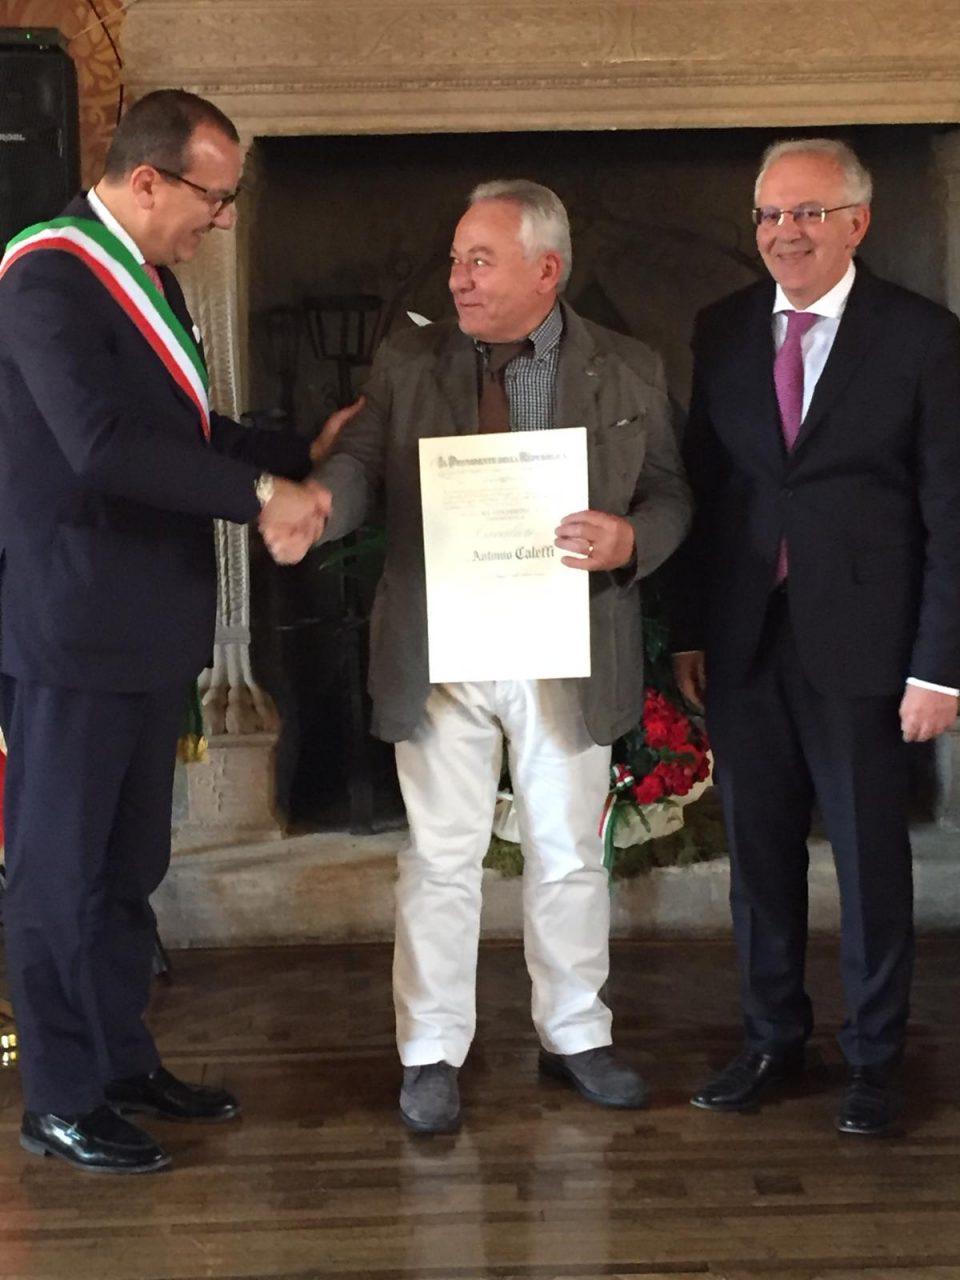 Consegnata la nomina di Cavaliere della Repubblica ad Antonio Caleffi. Unico cittadino villafranchese di quest'anno